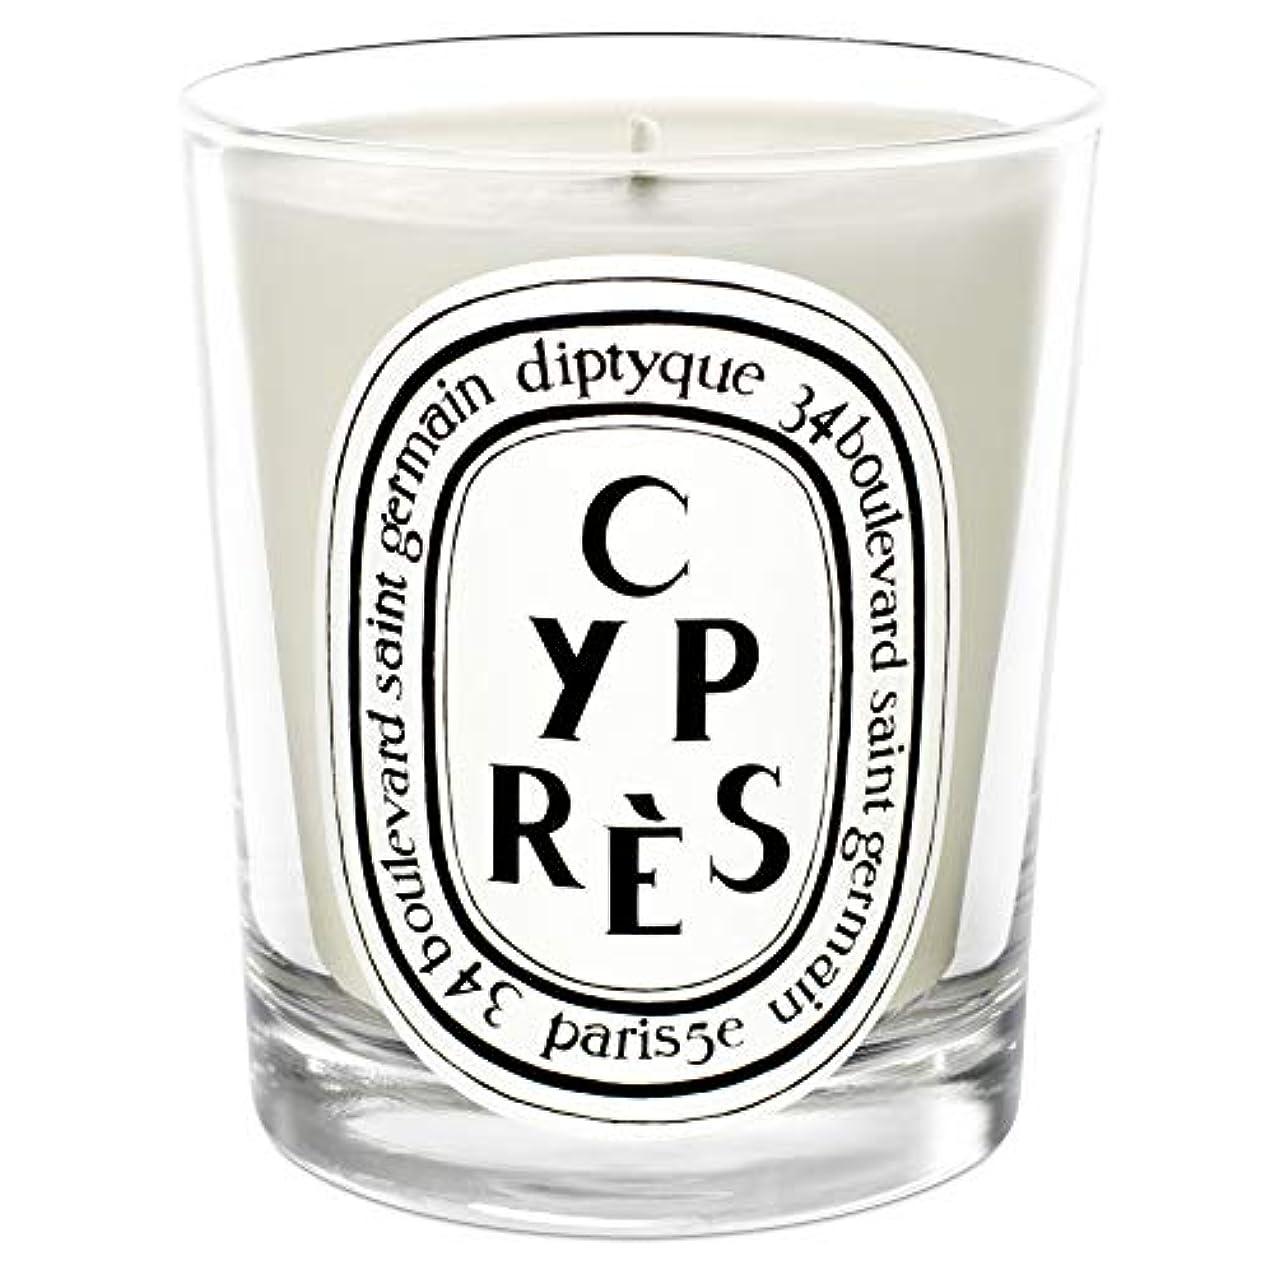 ギャザー宗教的な潜在的な[Diptyque] DiptyqueのCypr?s香りのキャンドル190グラム - Diptyque Cypr?s Scented Candle 190g [並行輸入品]